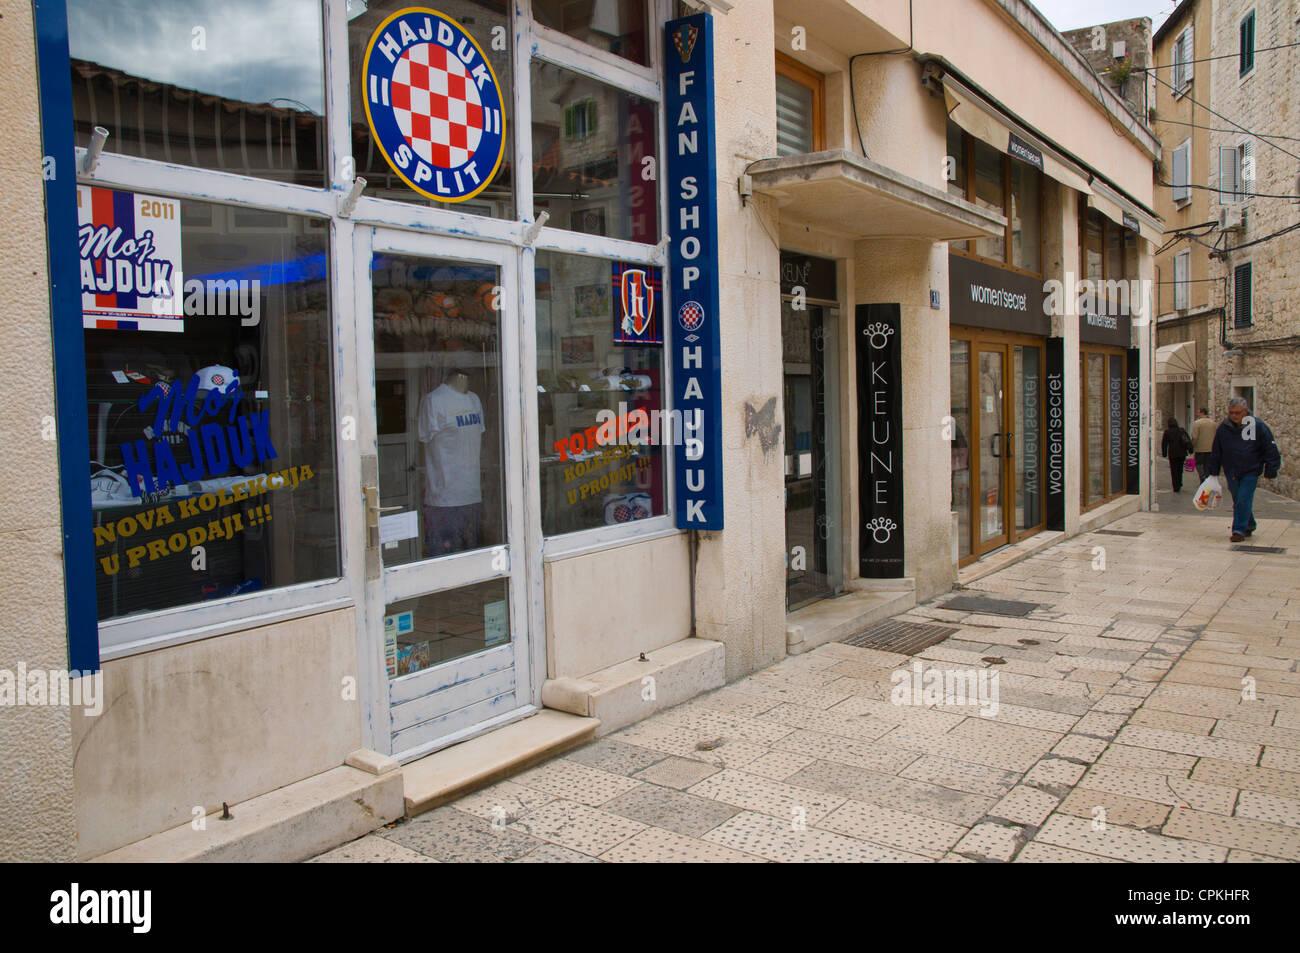 Hajduk Split Football Club Fan Shop In Grad The Old Town Split Stock